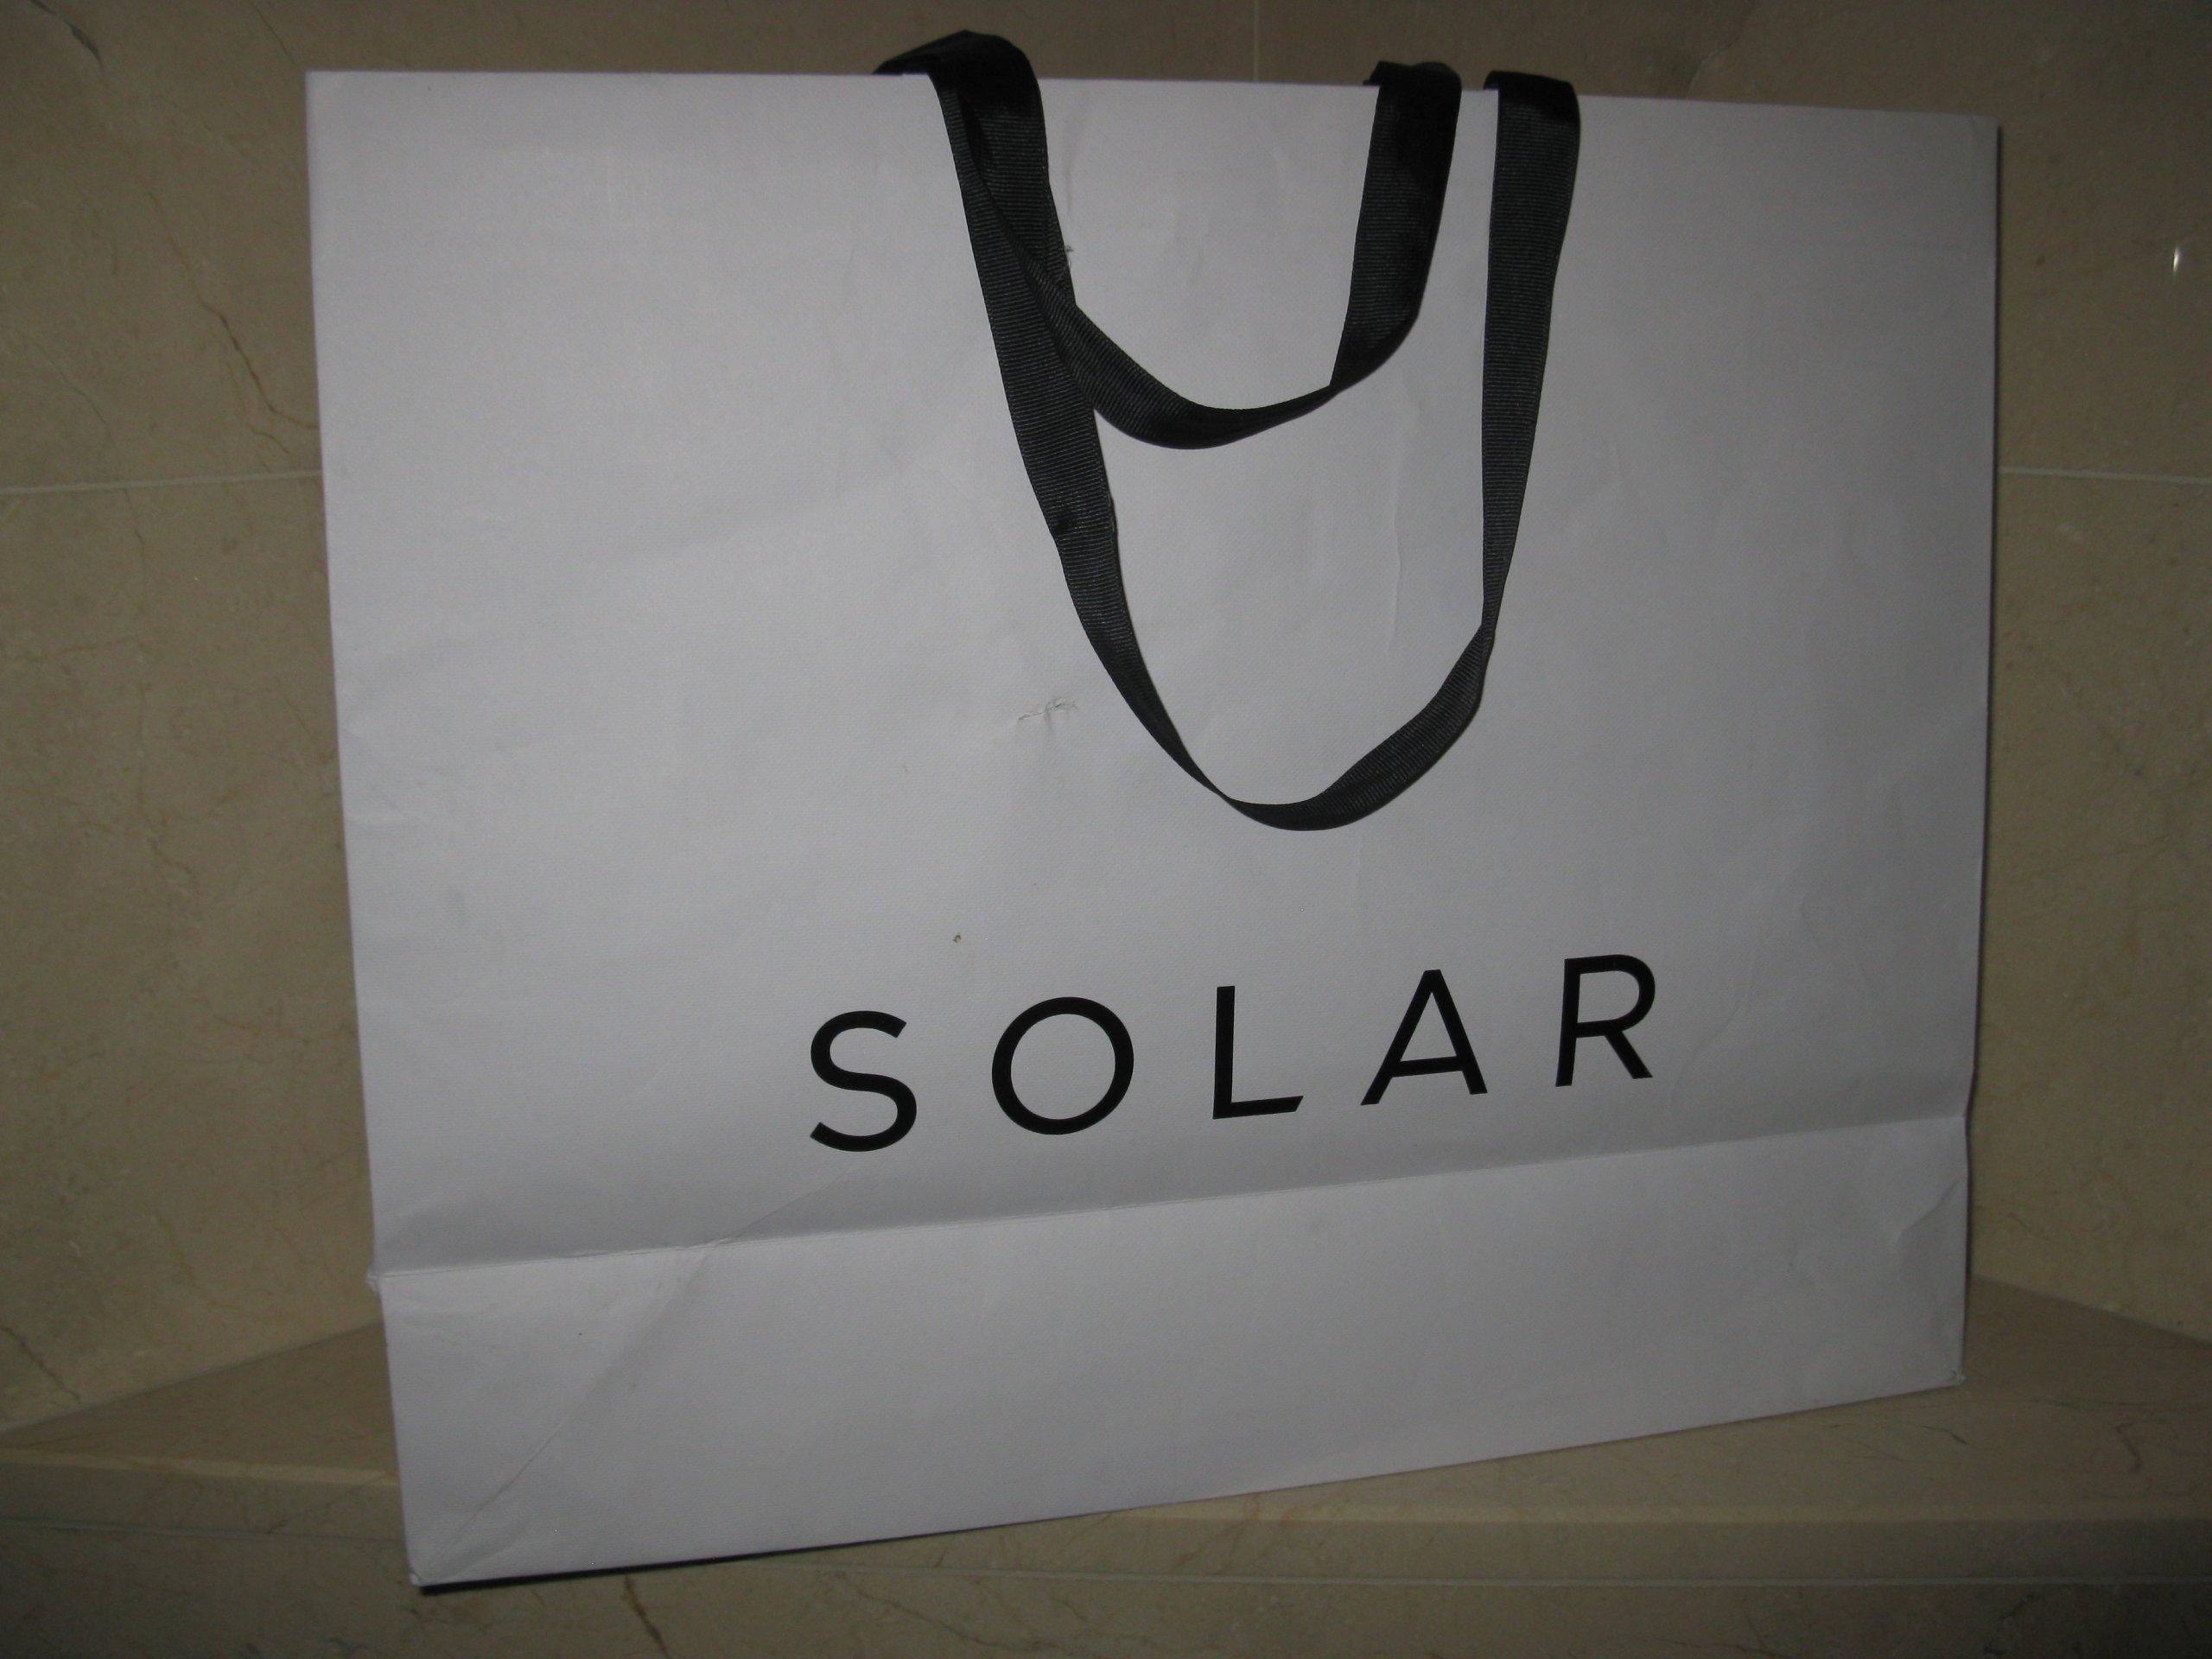 b380b380b37e3 SOLAR torba papierowa XL - 7304675269 - oficjalne archiwum allegro